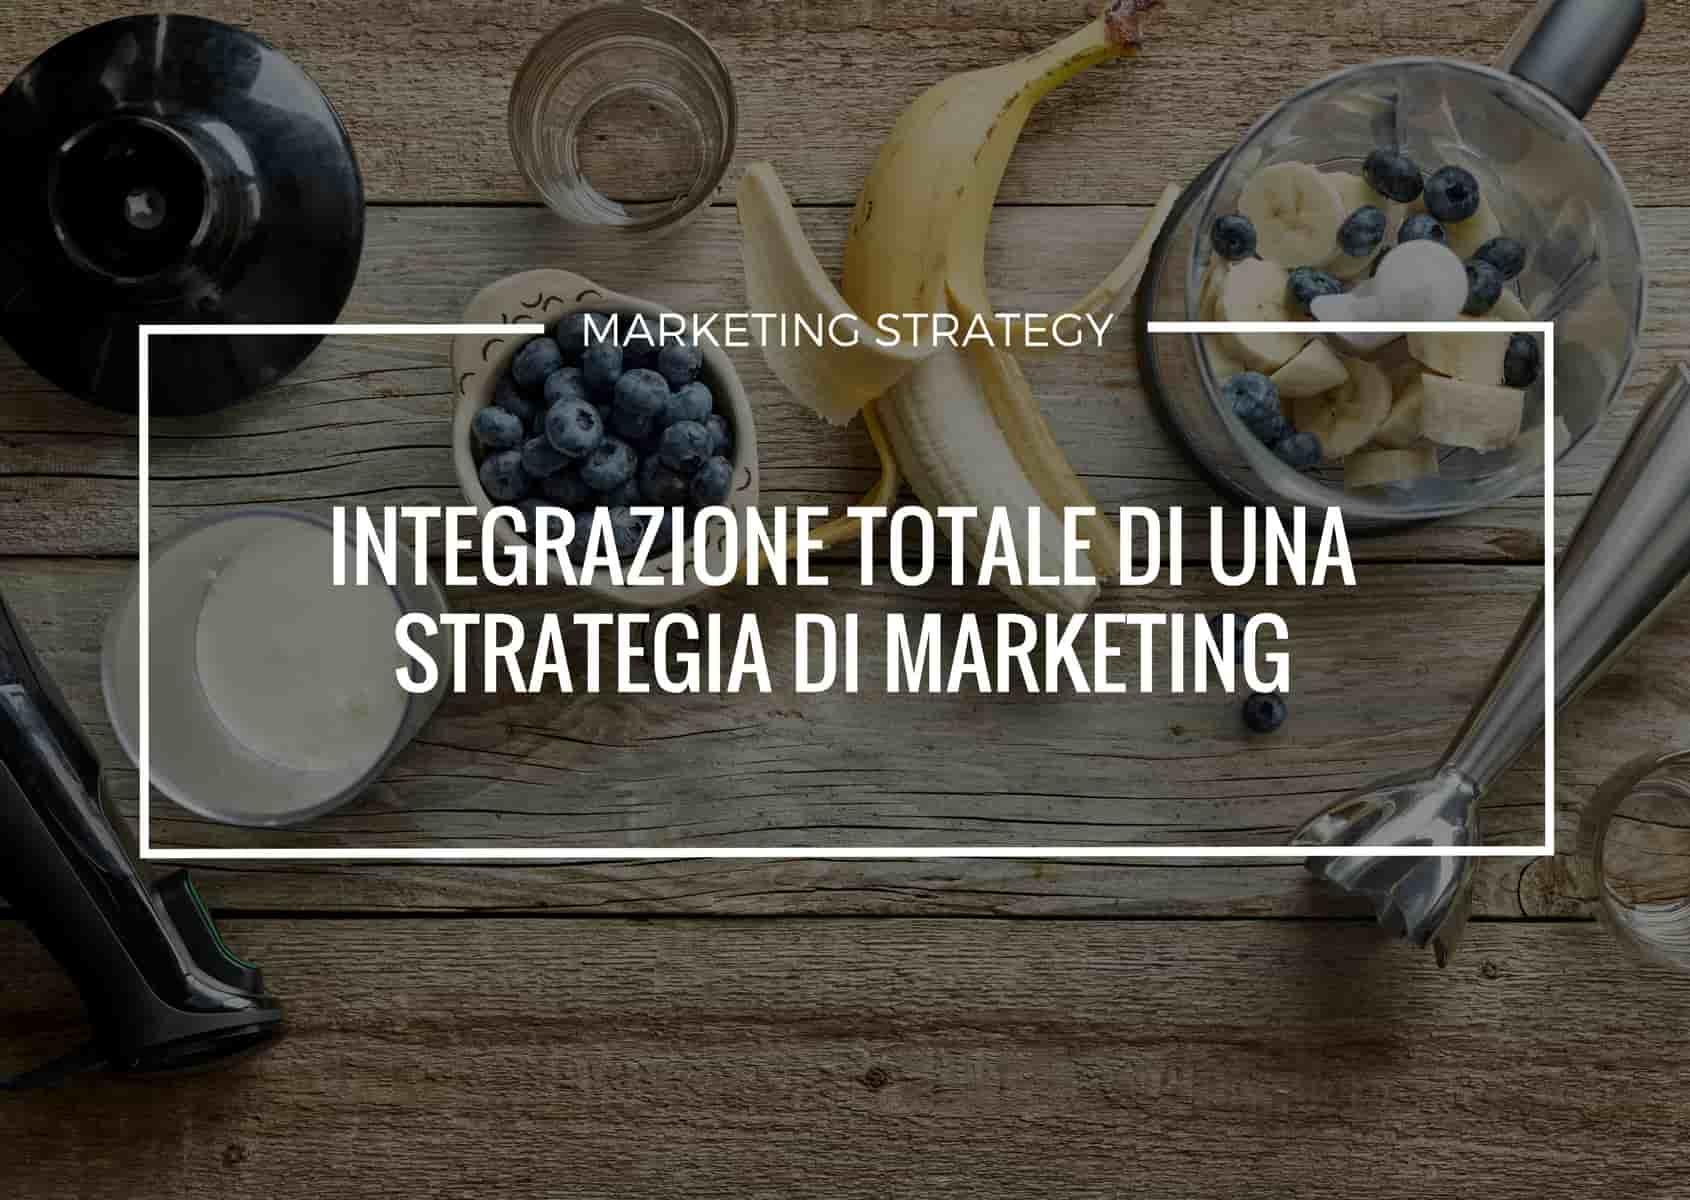 integrazione strategia di marketing